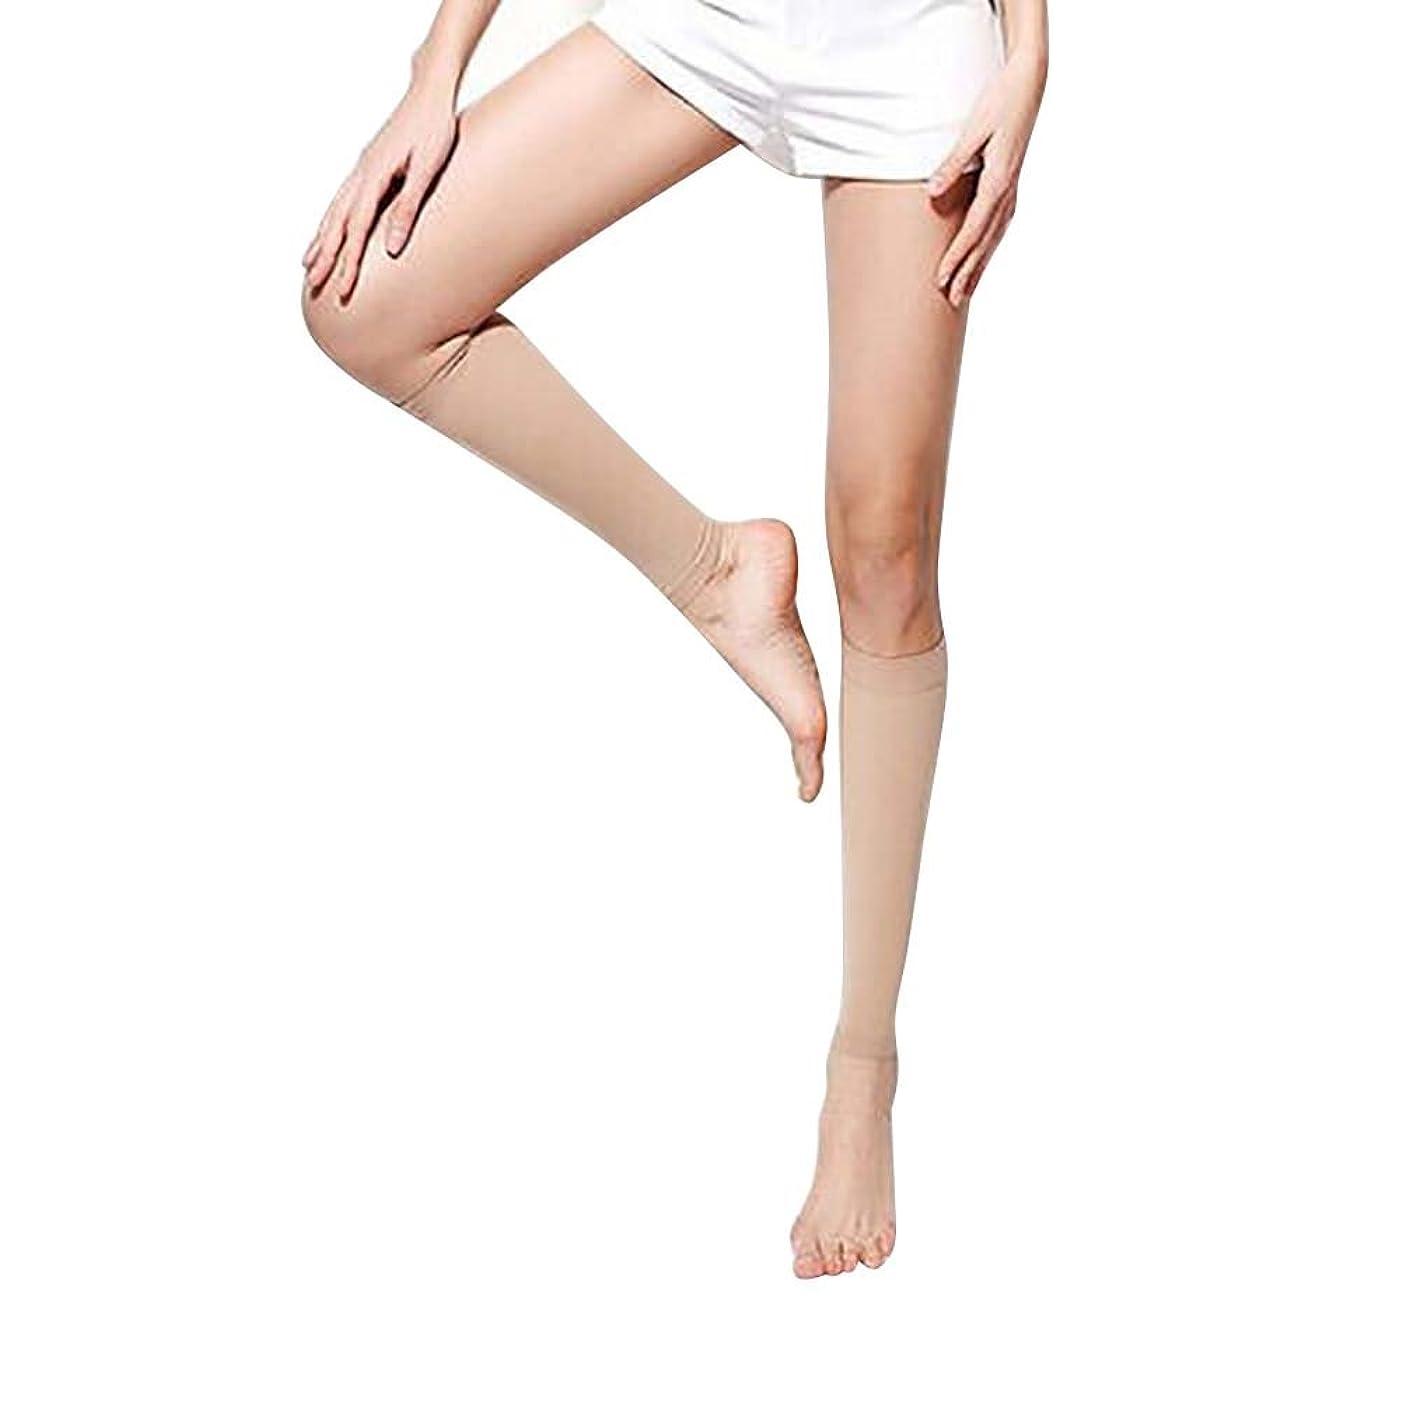 瞳防衛騒ぎkasit 美脚ふくらはぎソックス 着圧ソックス 脂肪燃焼で脛ほっそり ショート